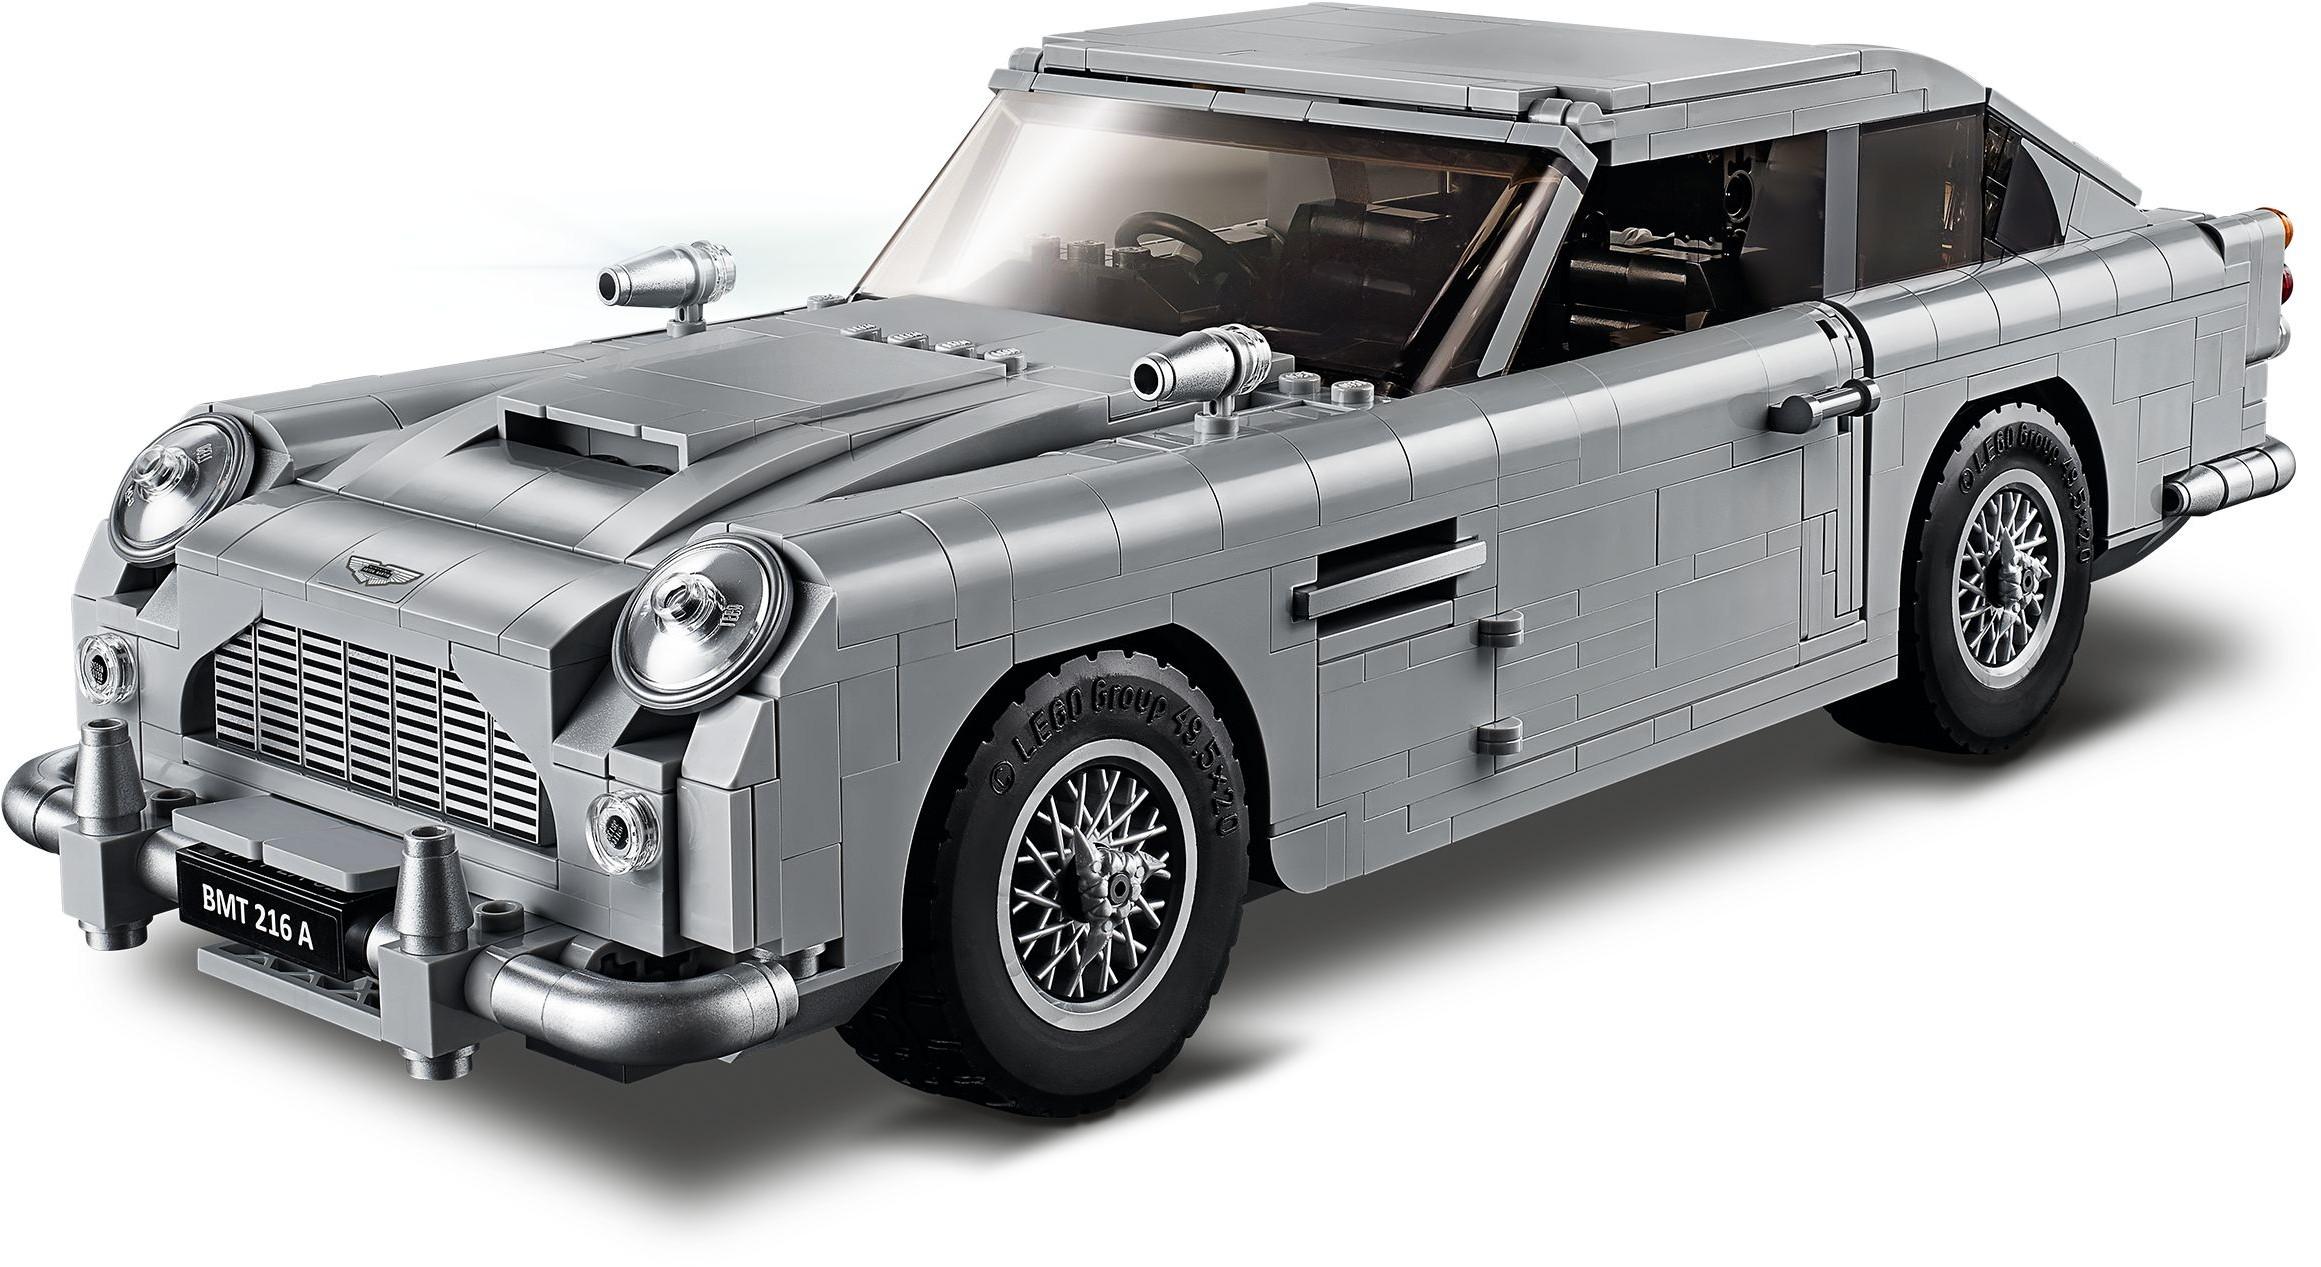 10262 Aston Martin Db5 Revealed Brickset Lego Set Guide And Database